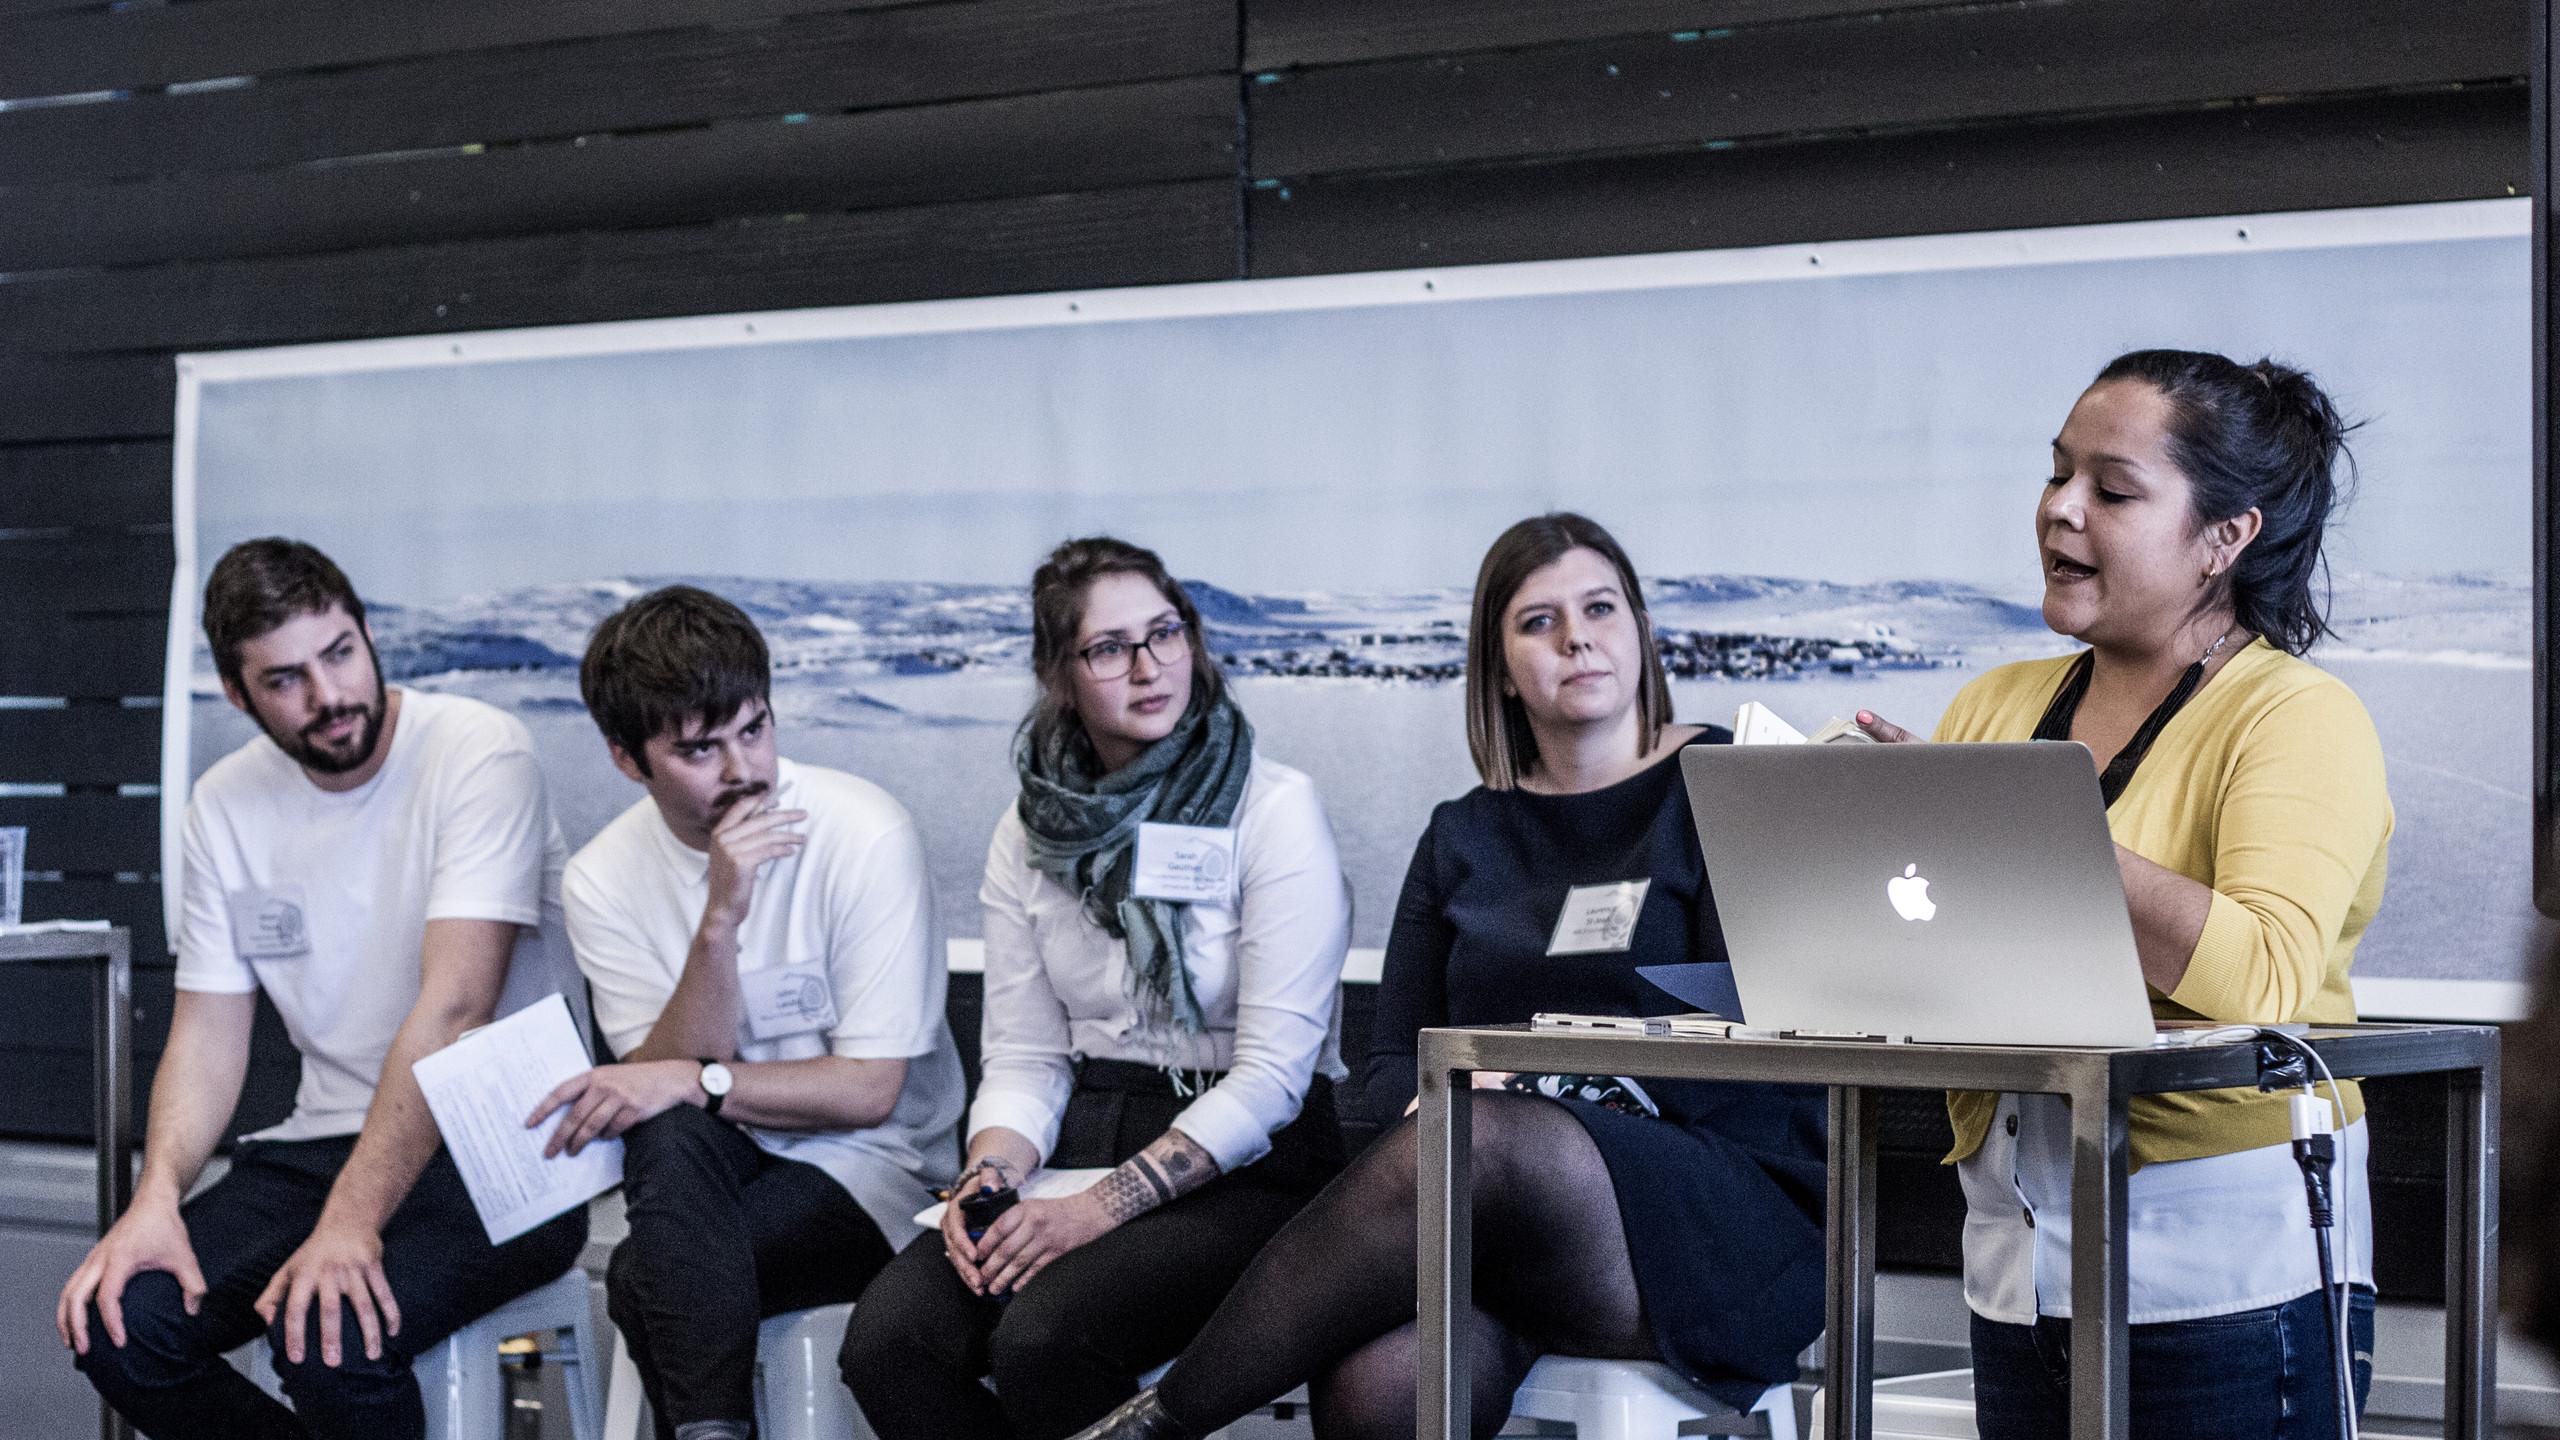 Simon Proulx, Julien Landry, Sarah Gauthier, Laurence St-Jean, Naomi Fontaine